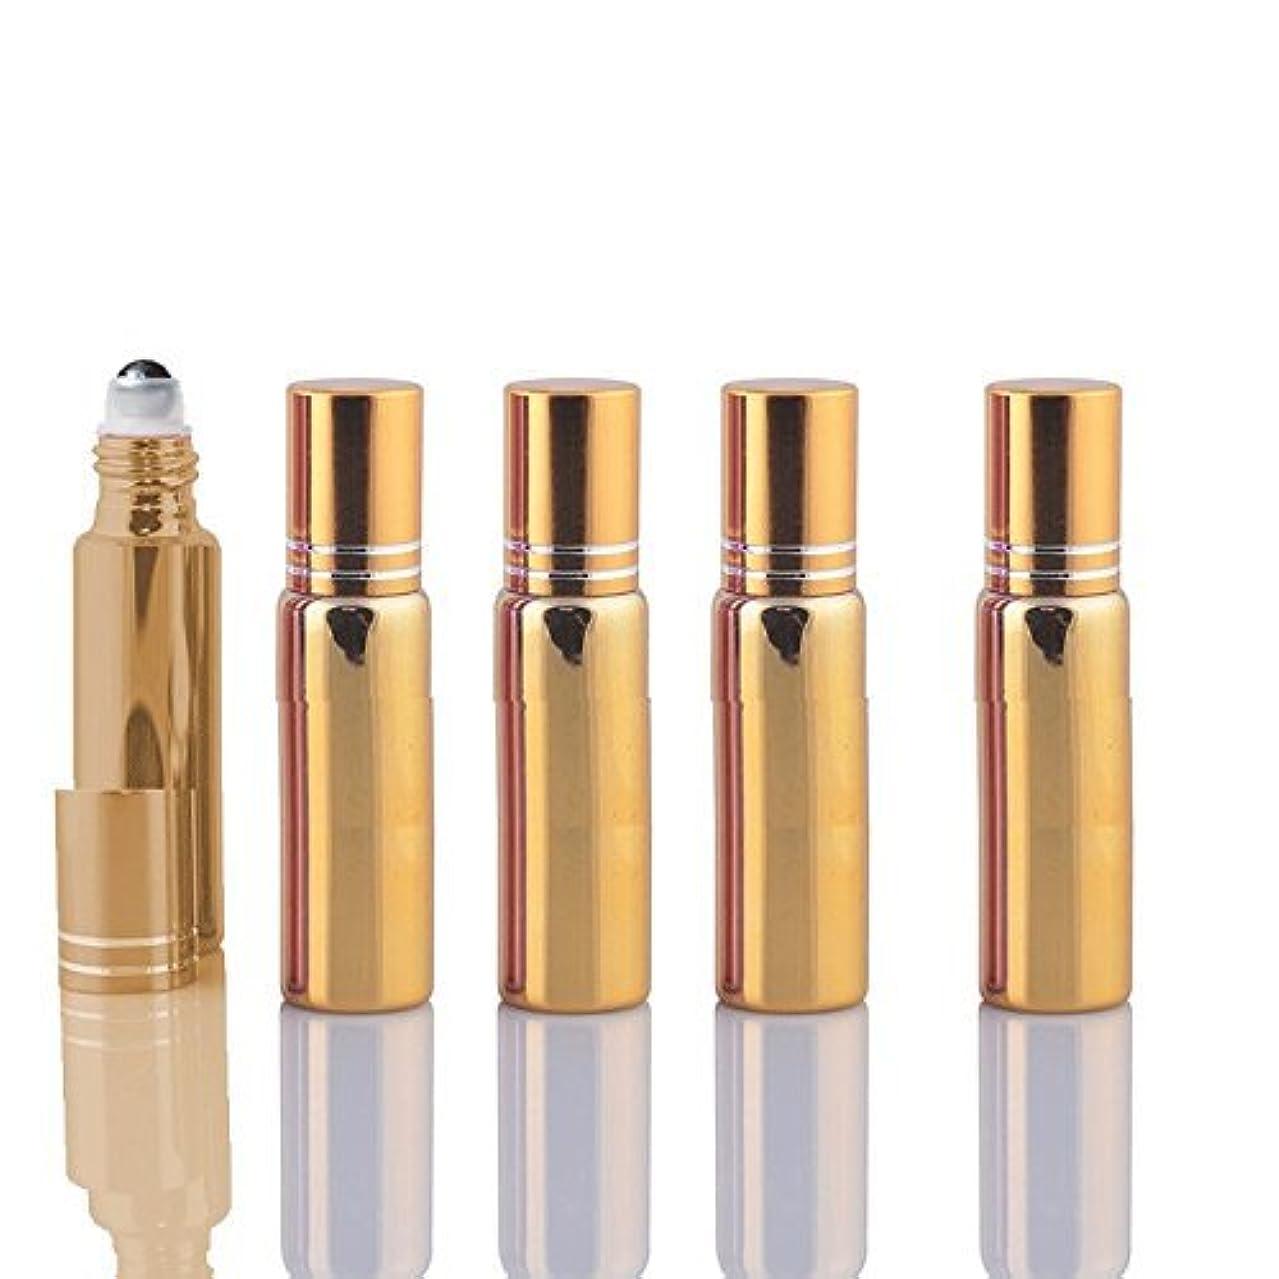 紛争対事前に10 Sets Colored 5ml UV Coated Glass Roller Ball Refillable Rollon Bottles Grand Parfums with Stainless Steel Rollers...